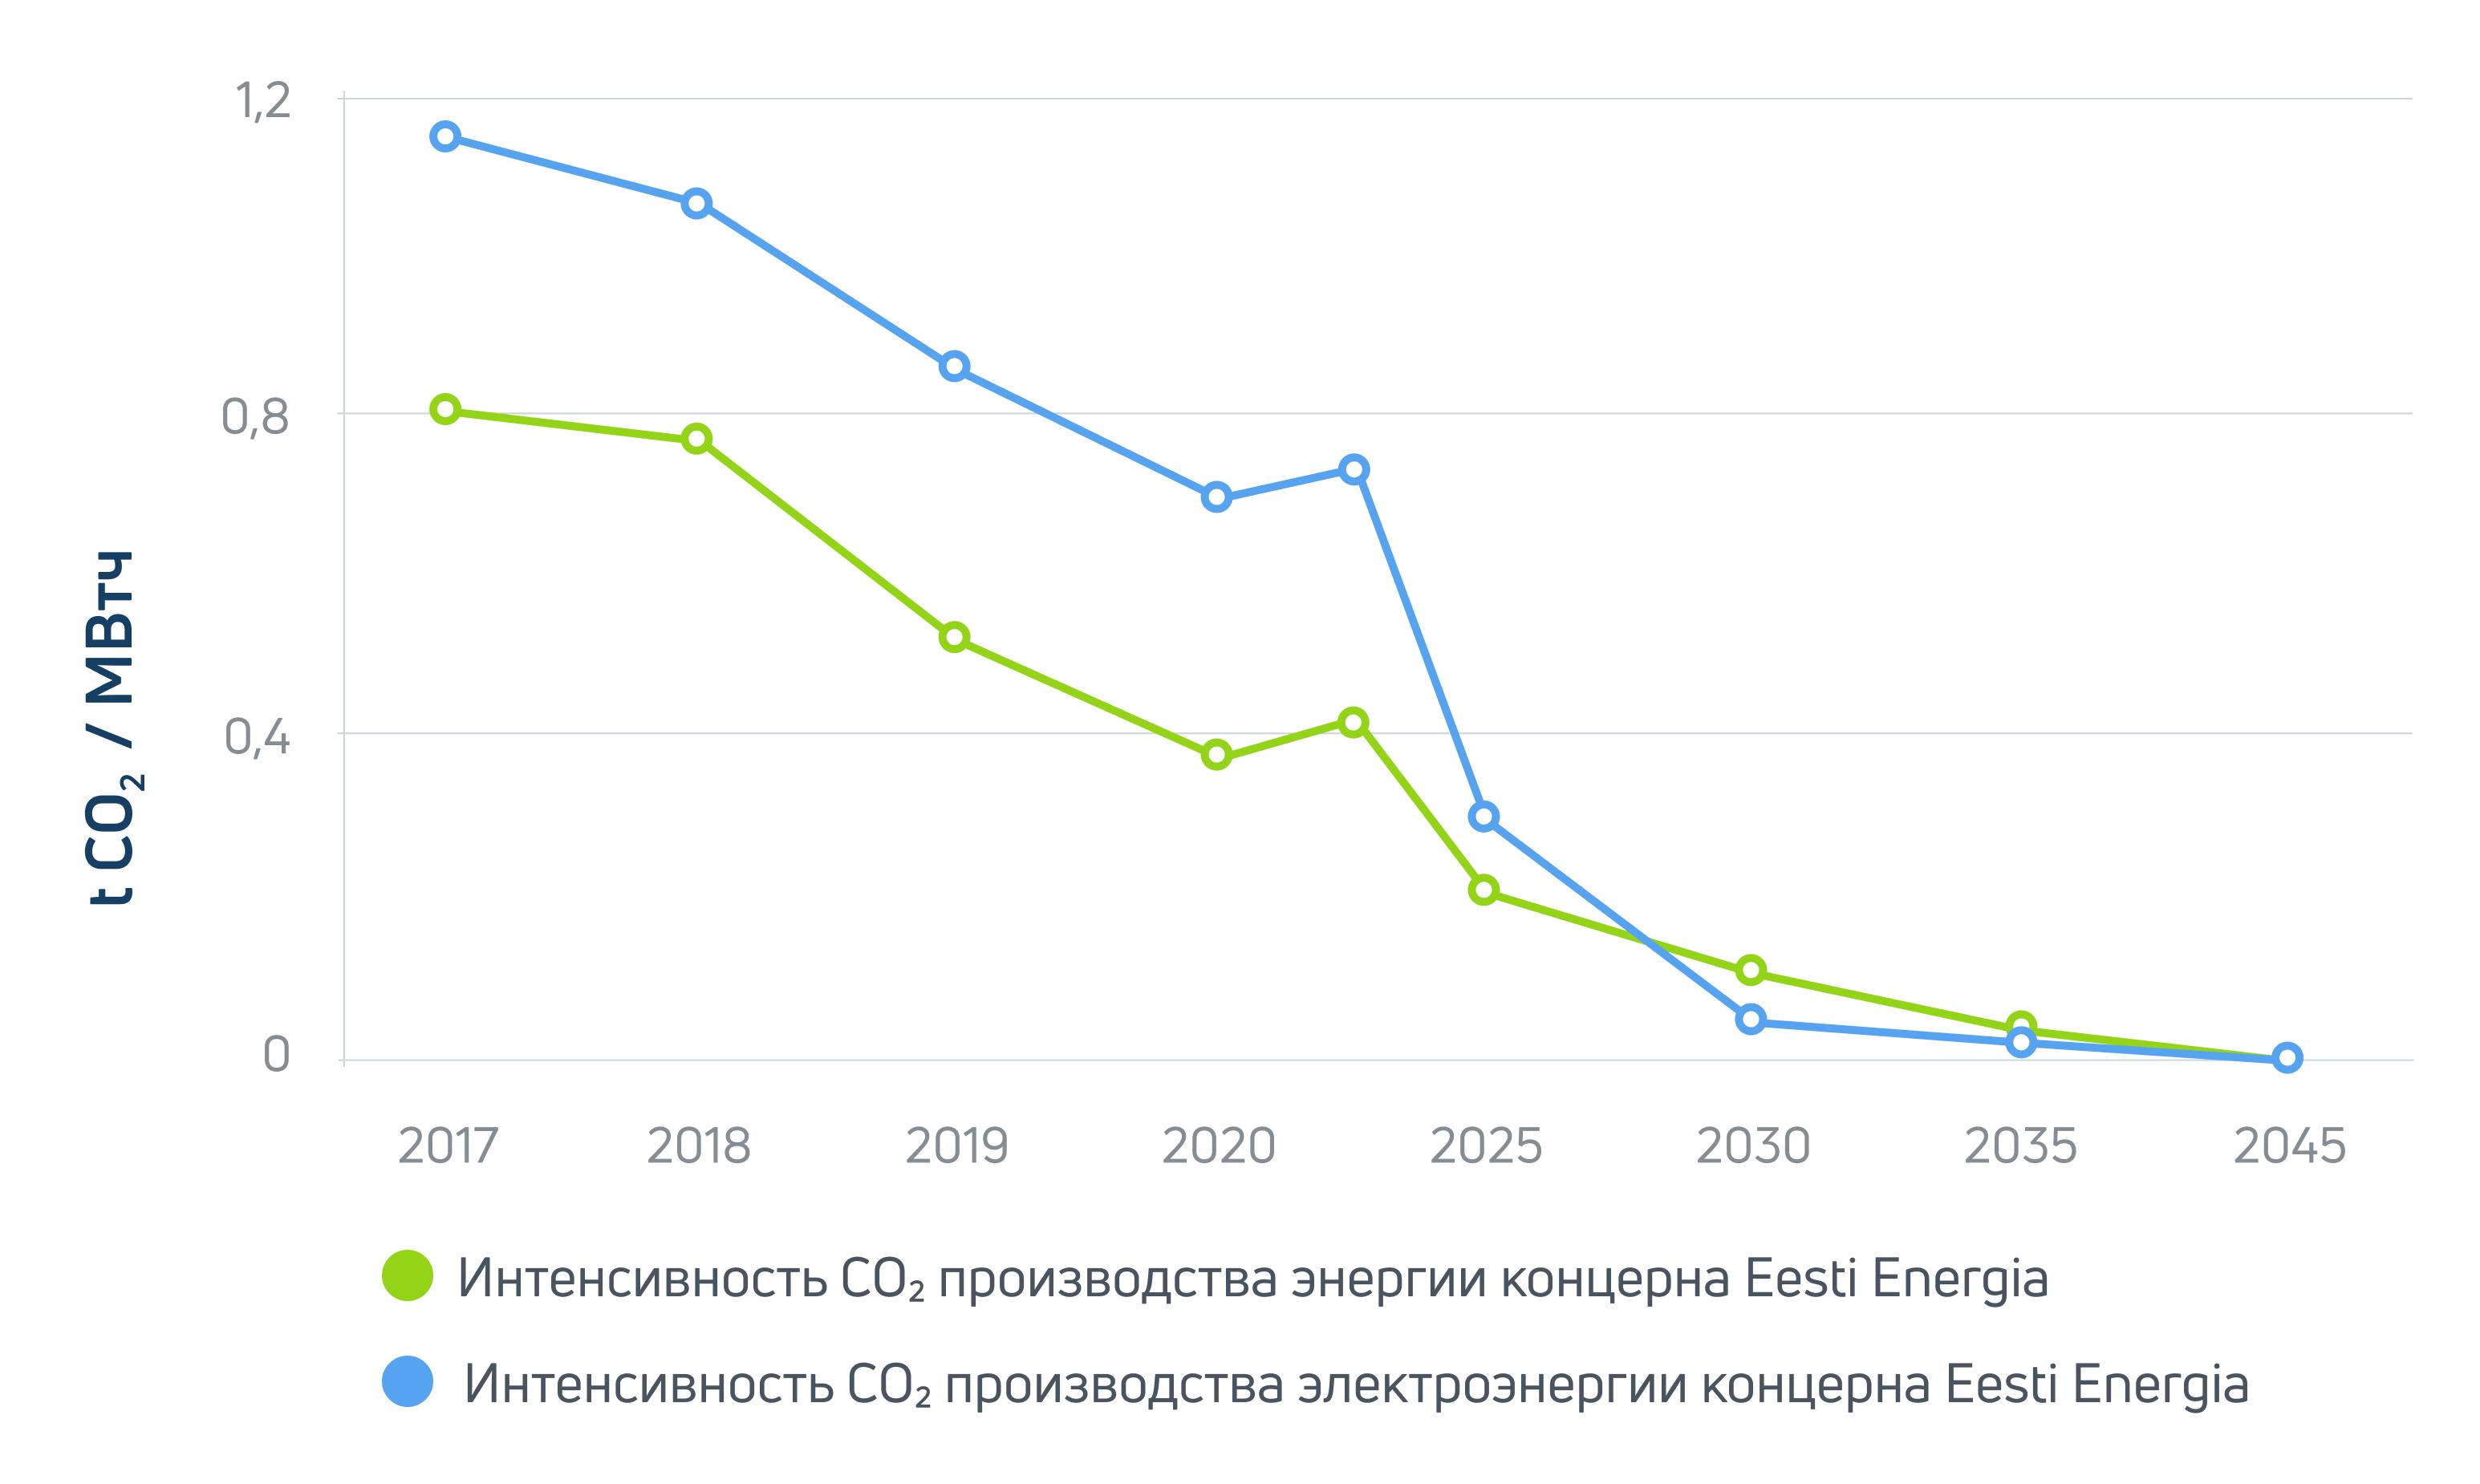 CO2 intensiivsus